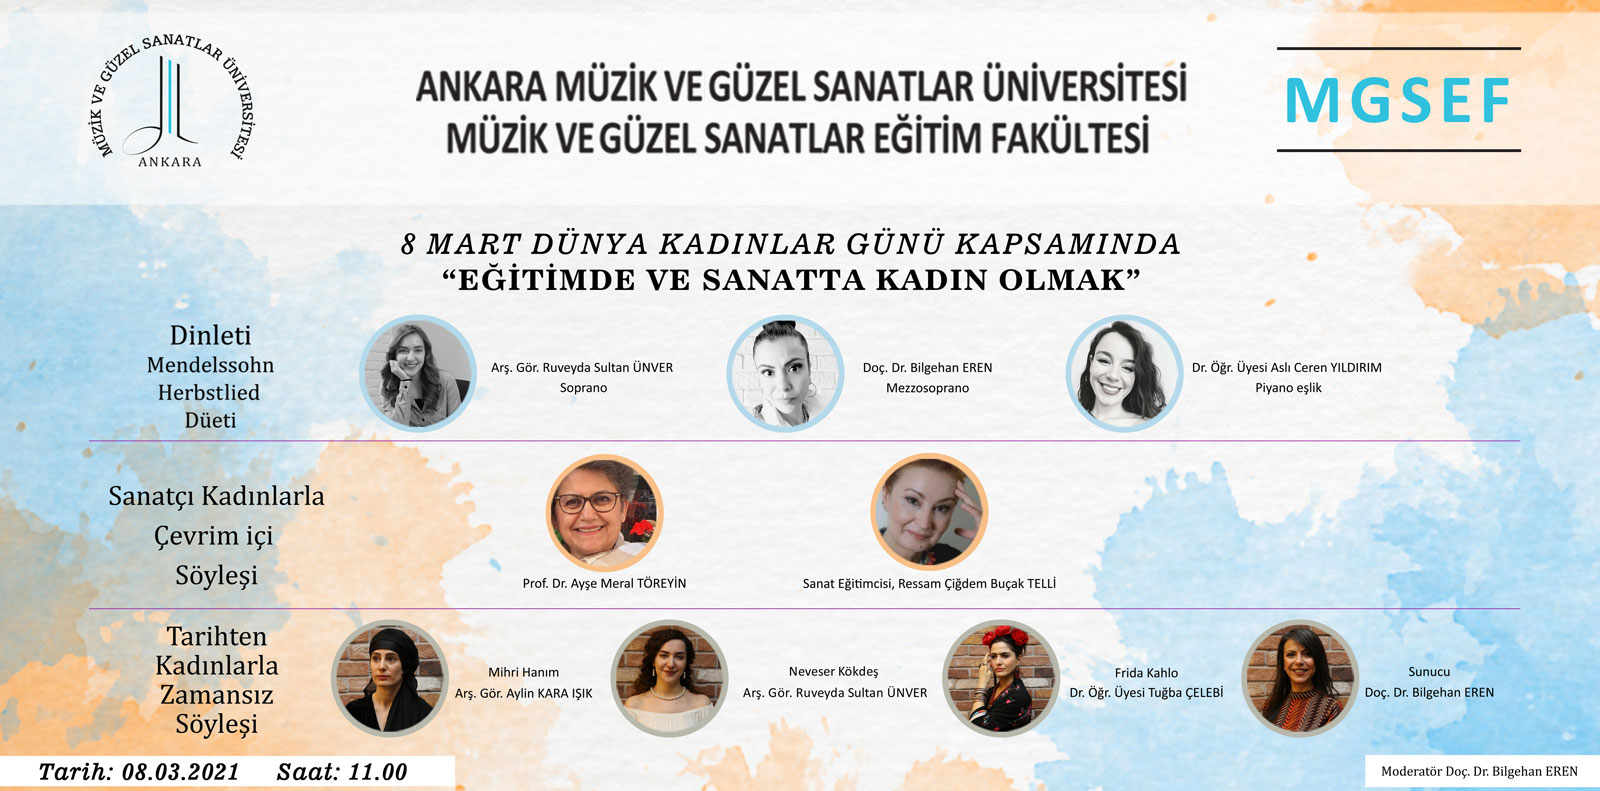 8 Mart Eğitimde ve Sanatta Kadın Olmak Slide